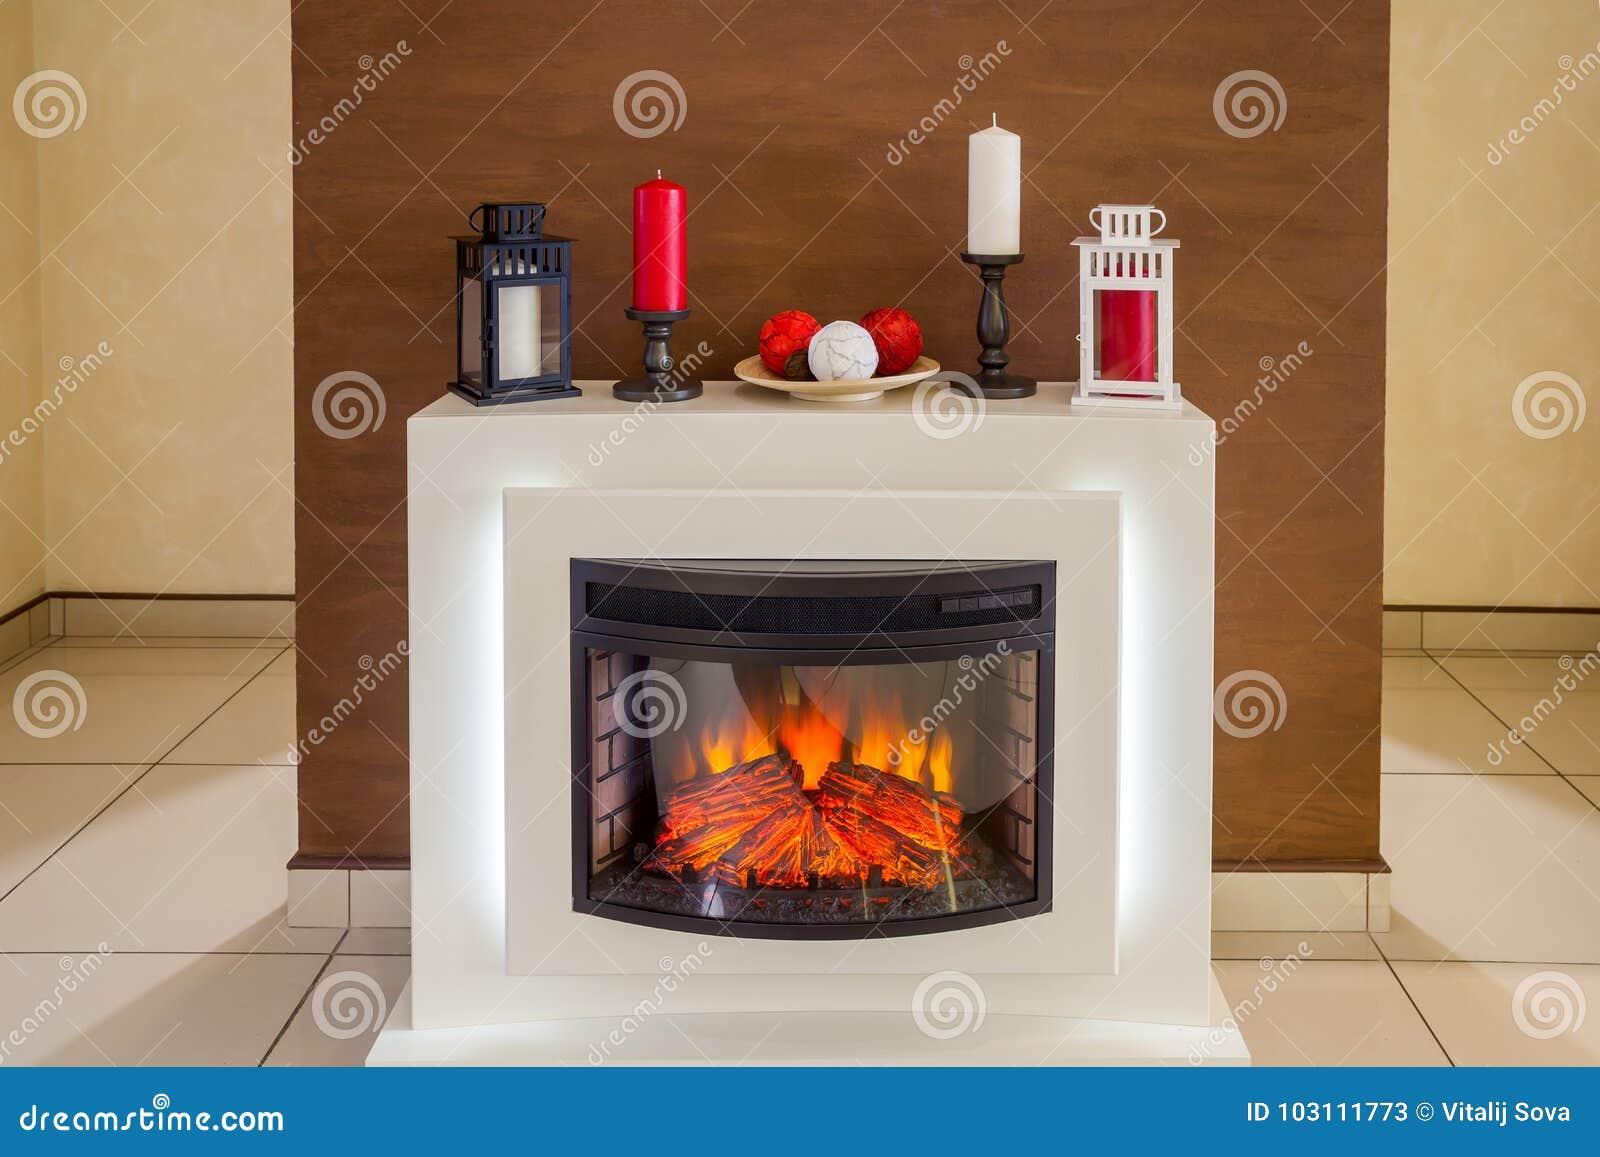 Camino Elettrico Bianco : Camino elettrico bianco immagine stock. immagine di casa 103111773